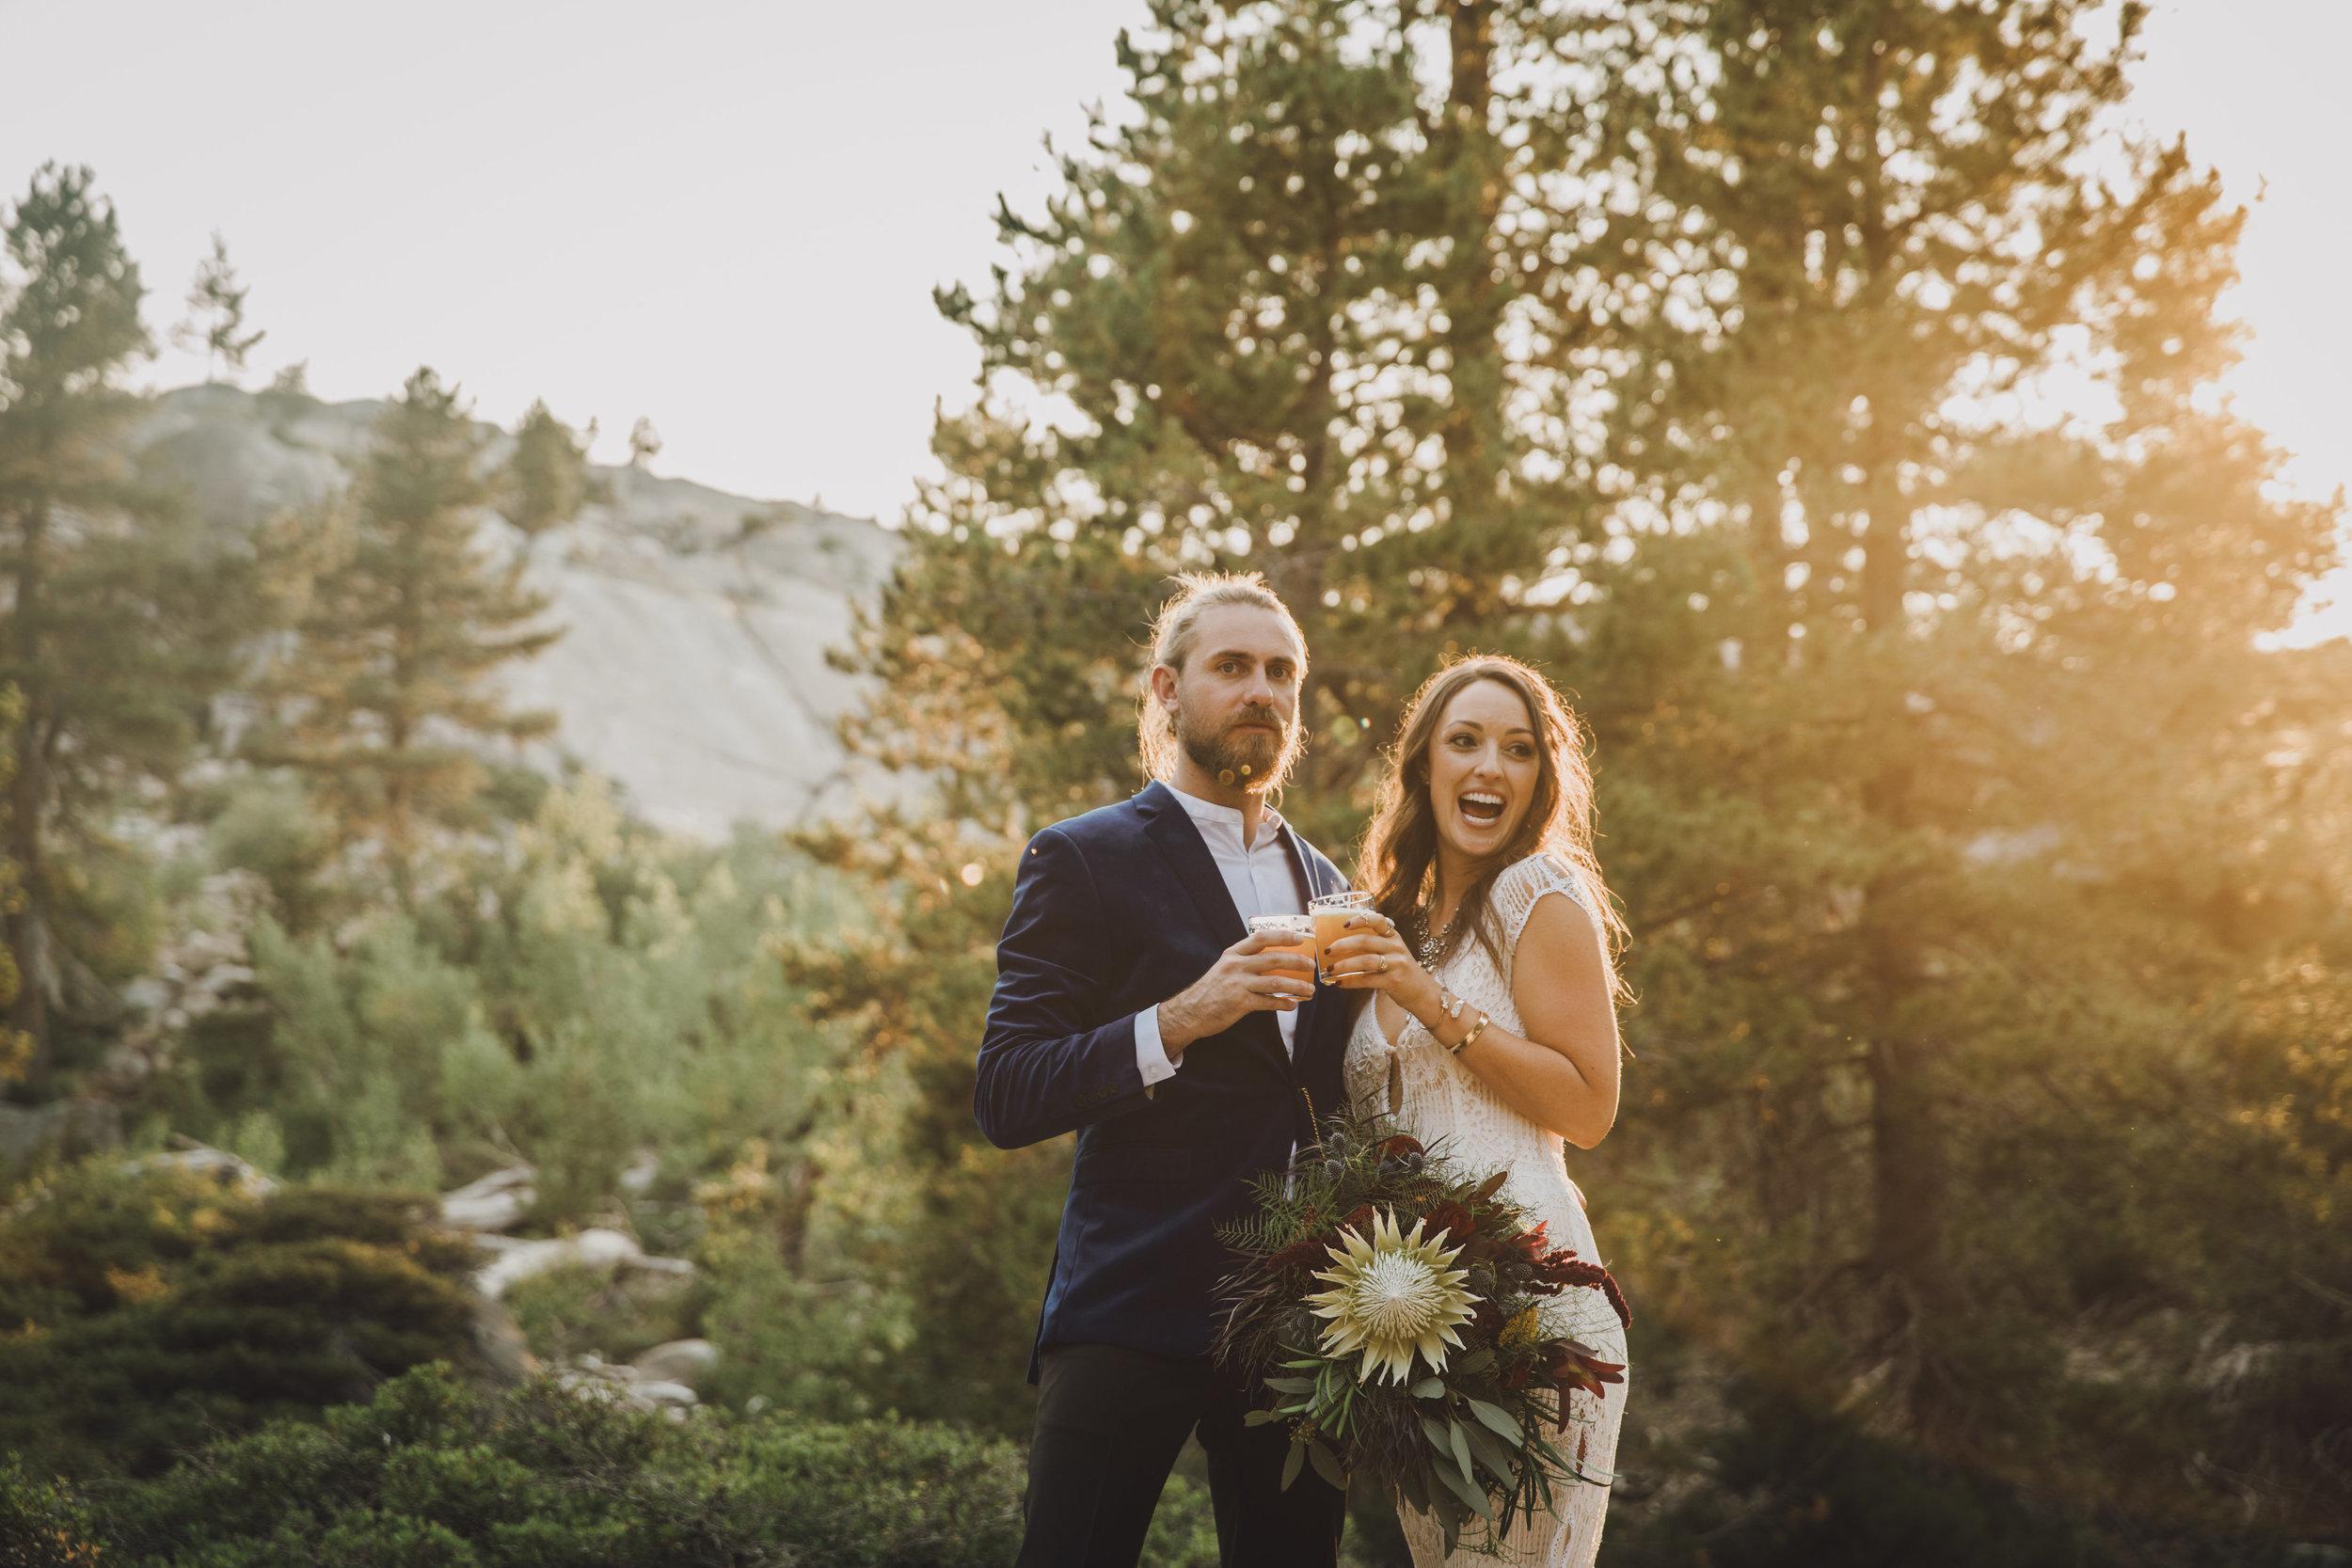 wedding florist bloom generation floral design san francisco oakland tahoe